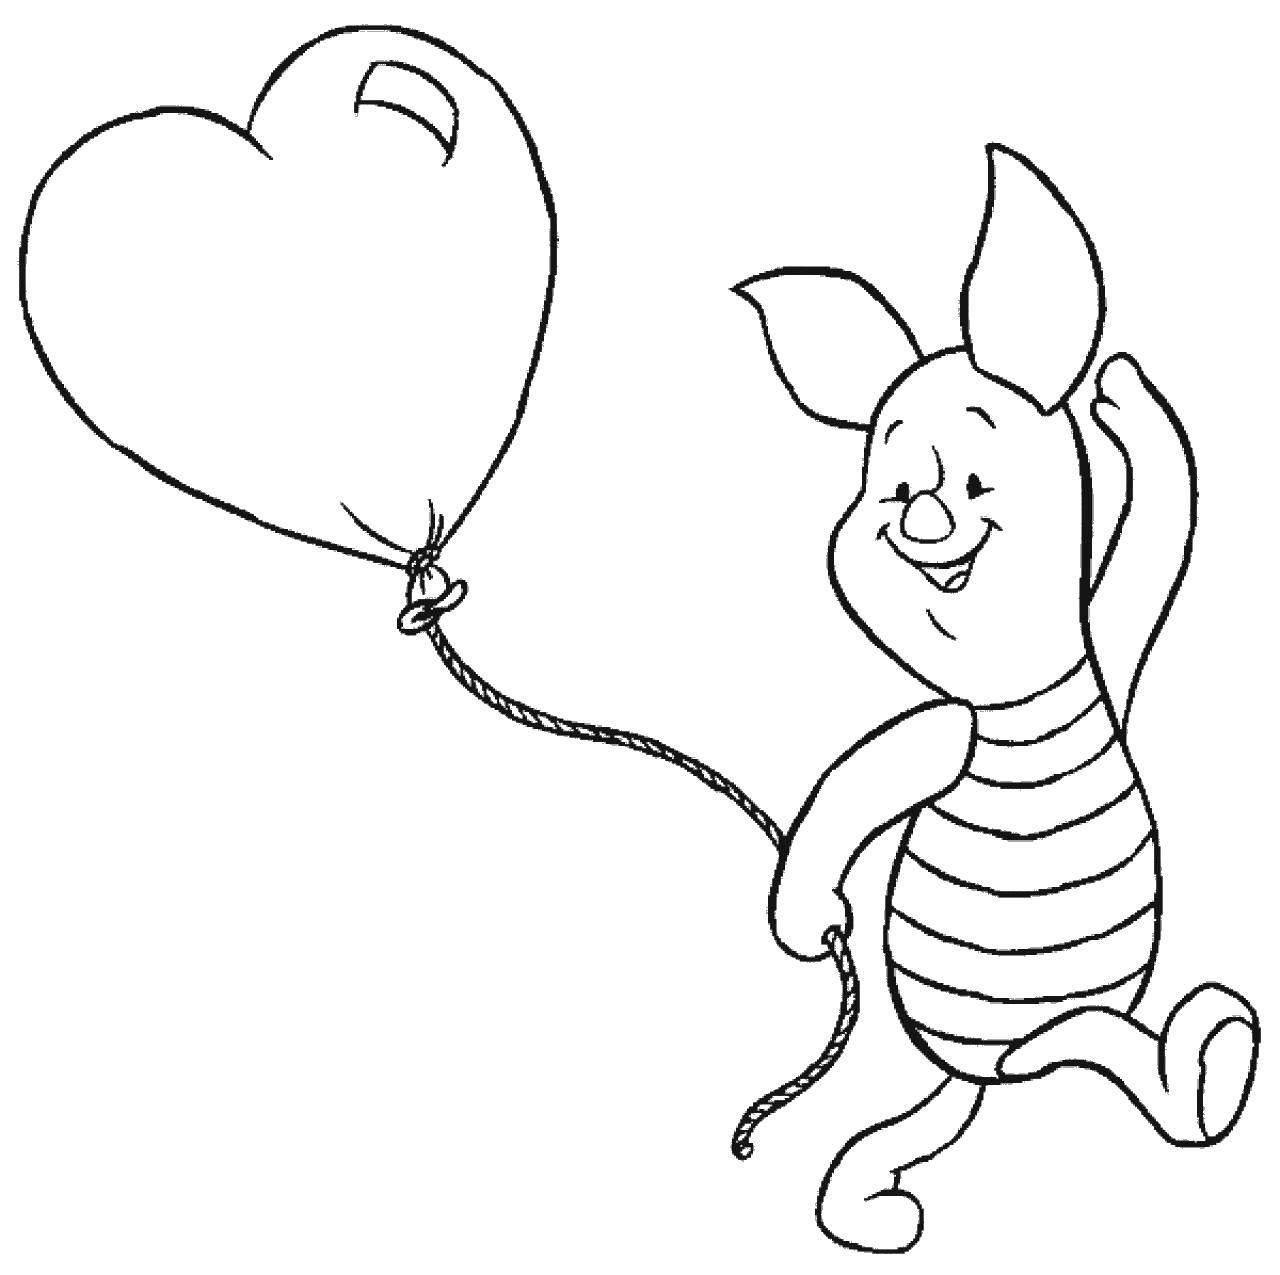 Раскраска Поросенок пяточек с шариком Скачать Диснеевские мультфильмы, Винни Пух, Пяточек.  Распечатать ,Диснеевские раскраски,